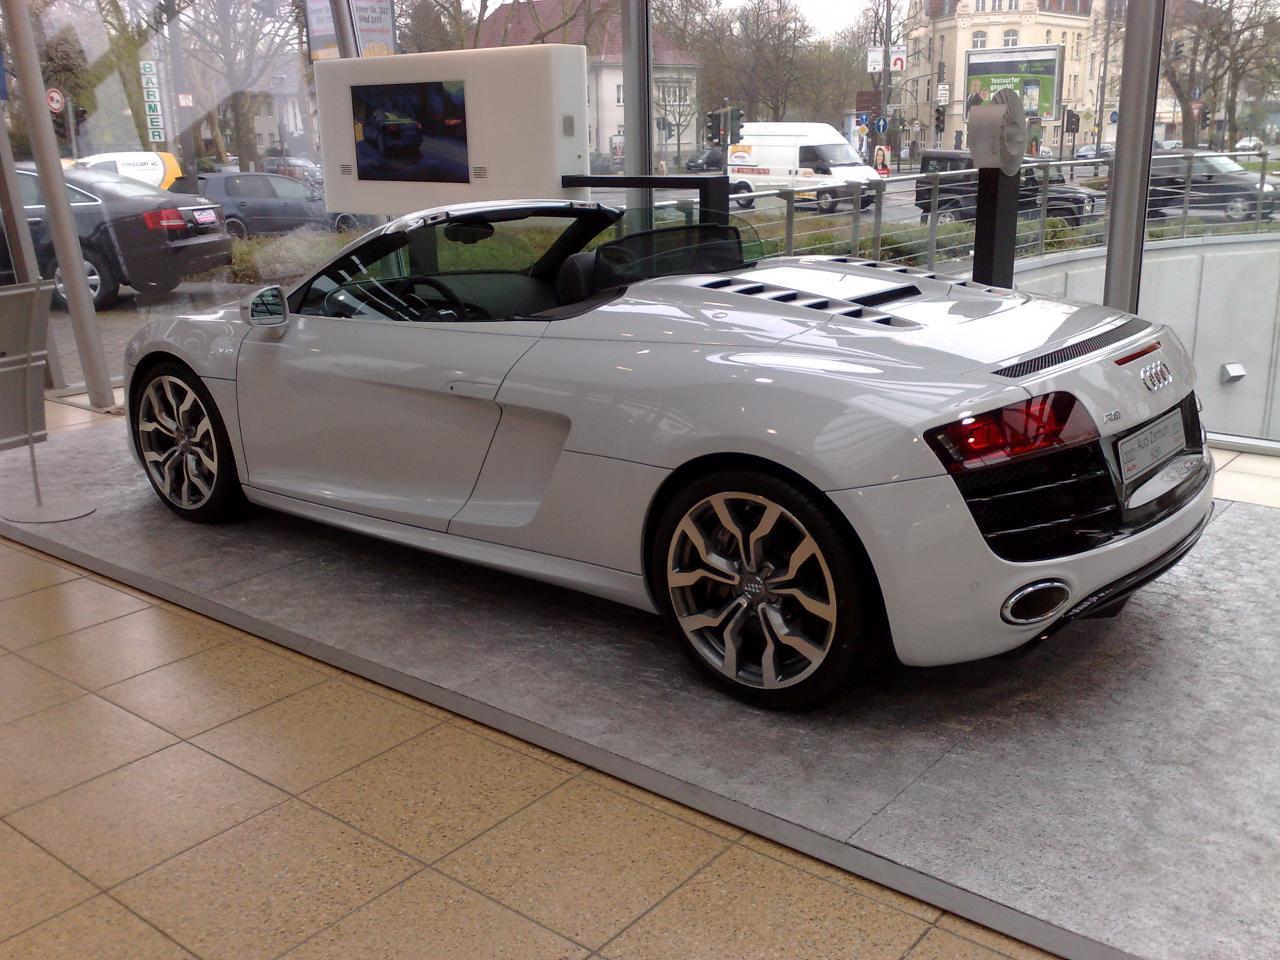 Garage von mecky s r8 spyder for Garage auto quad passion